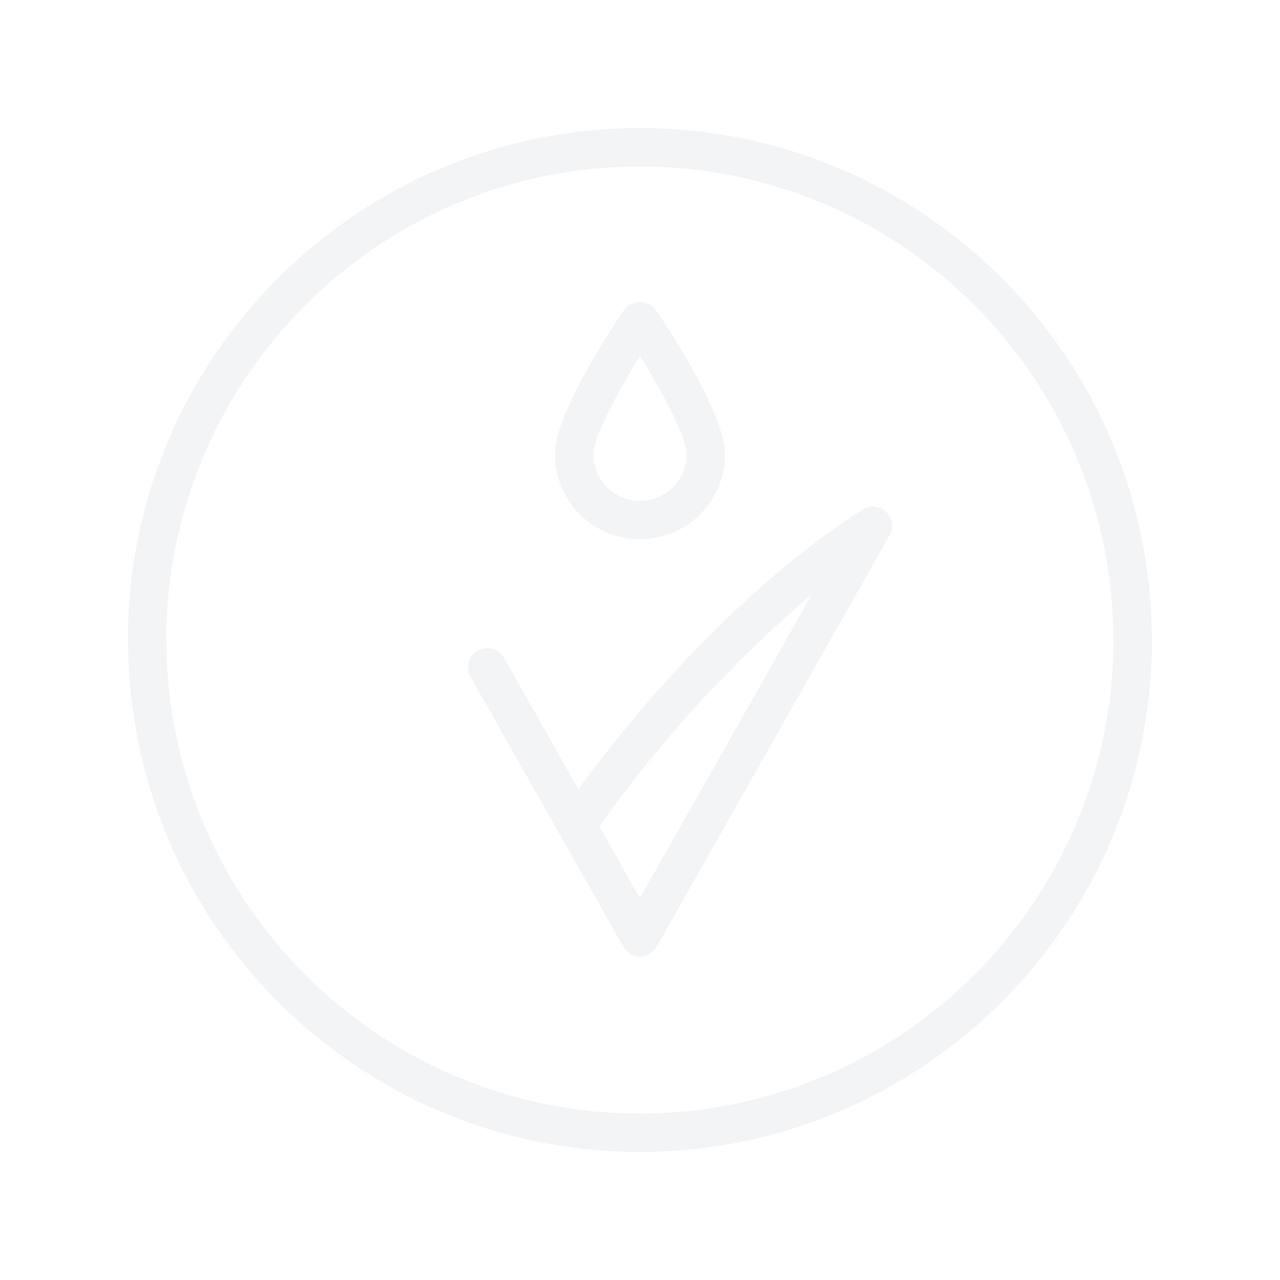 GUERLAIN Terracotta Reve D'Ete Tinted Skincare 30ml